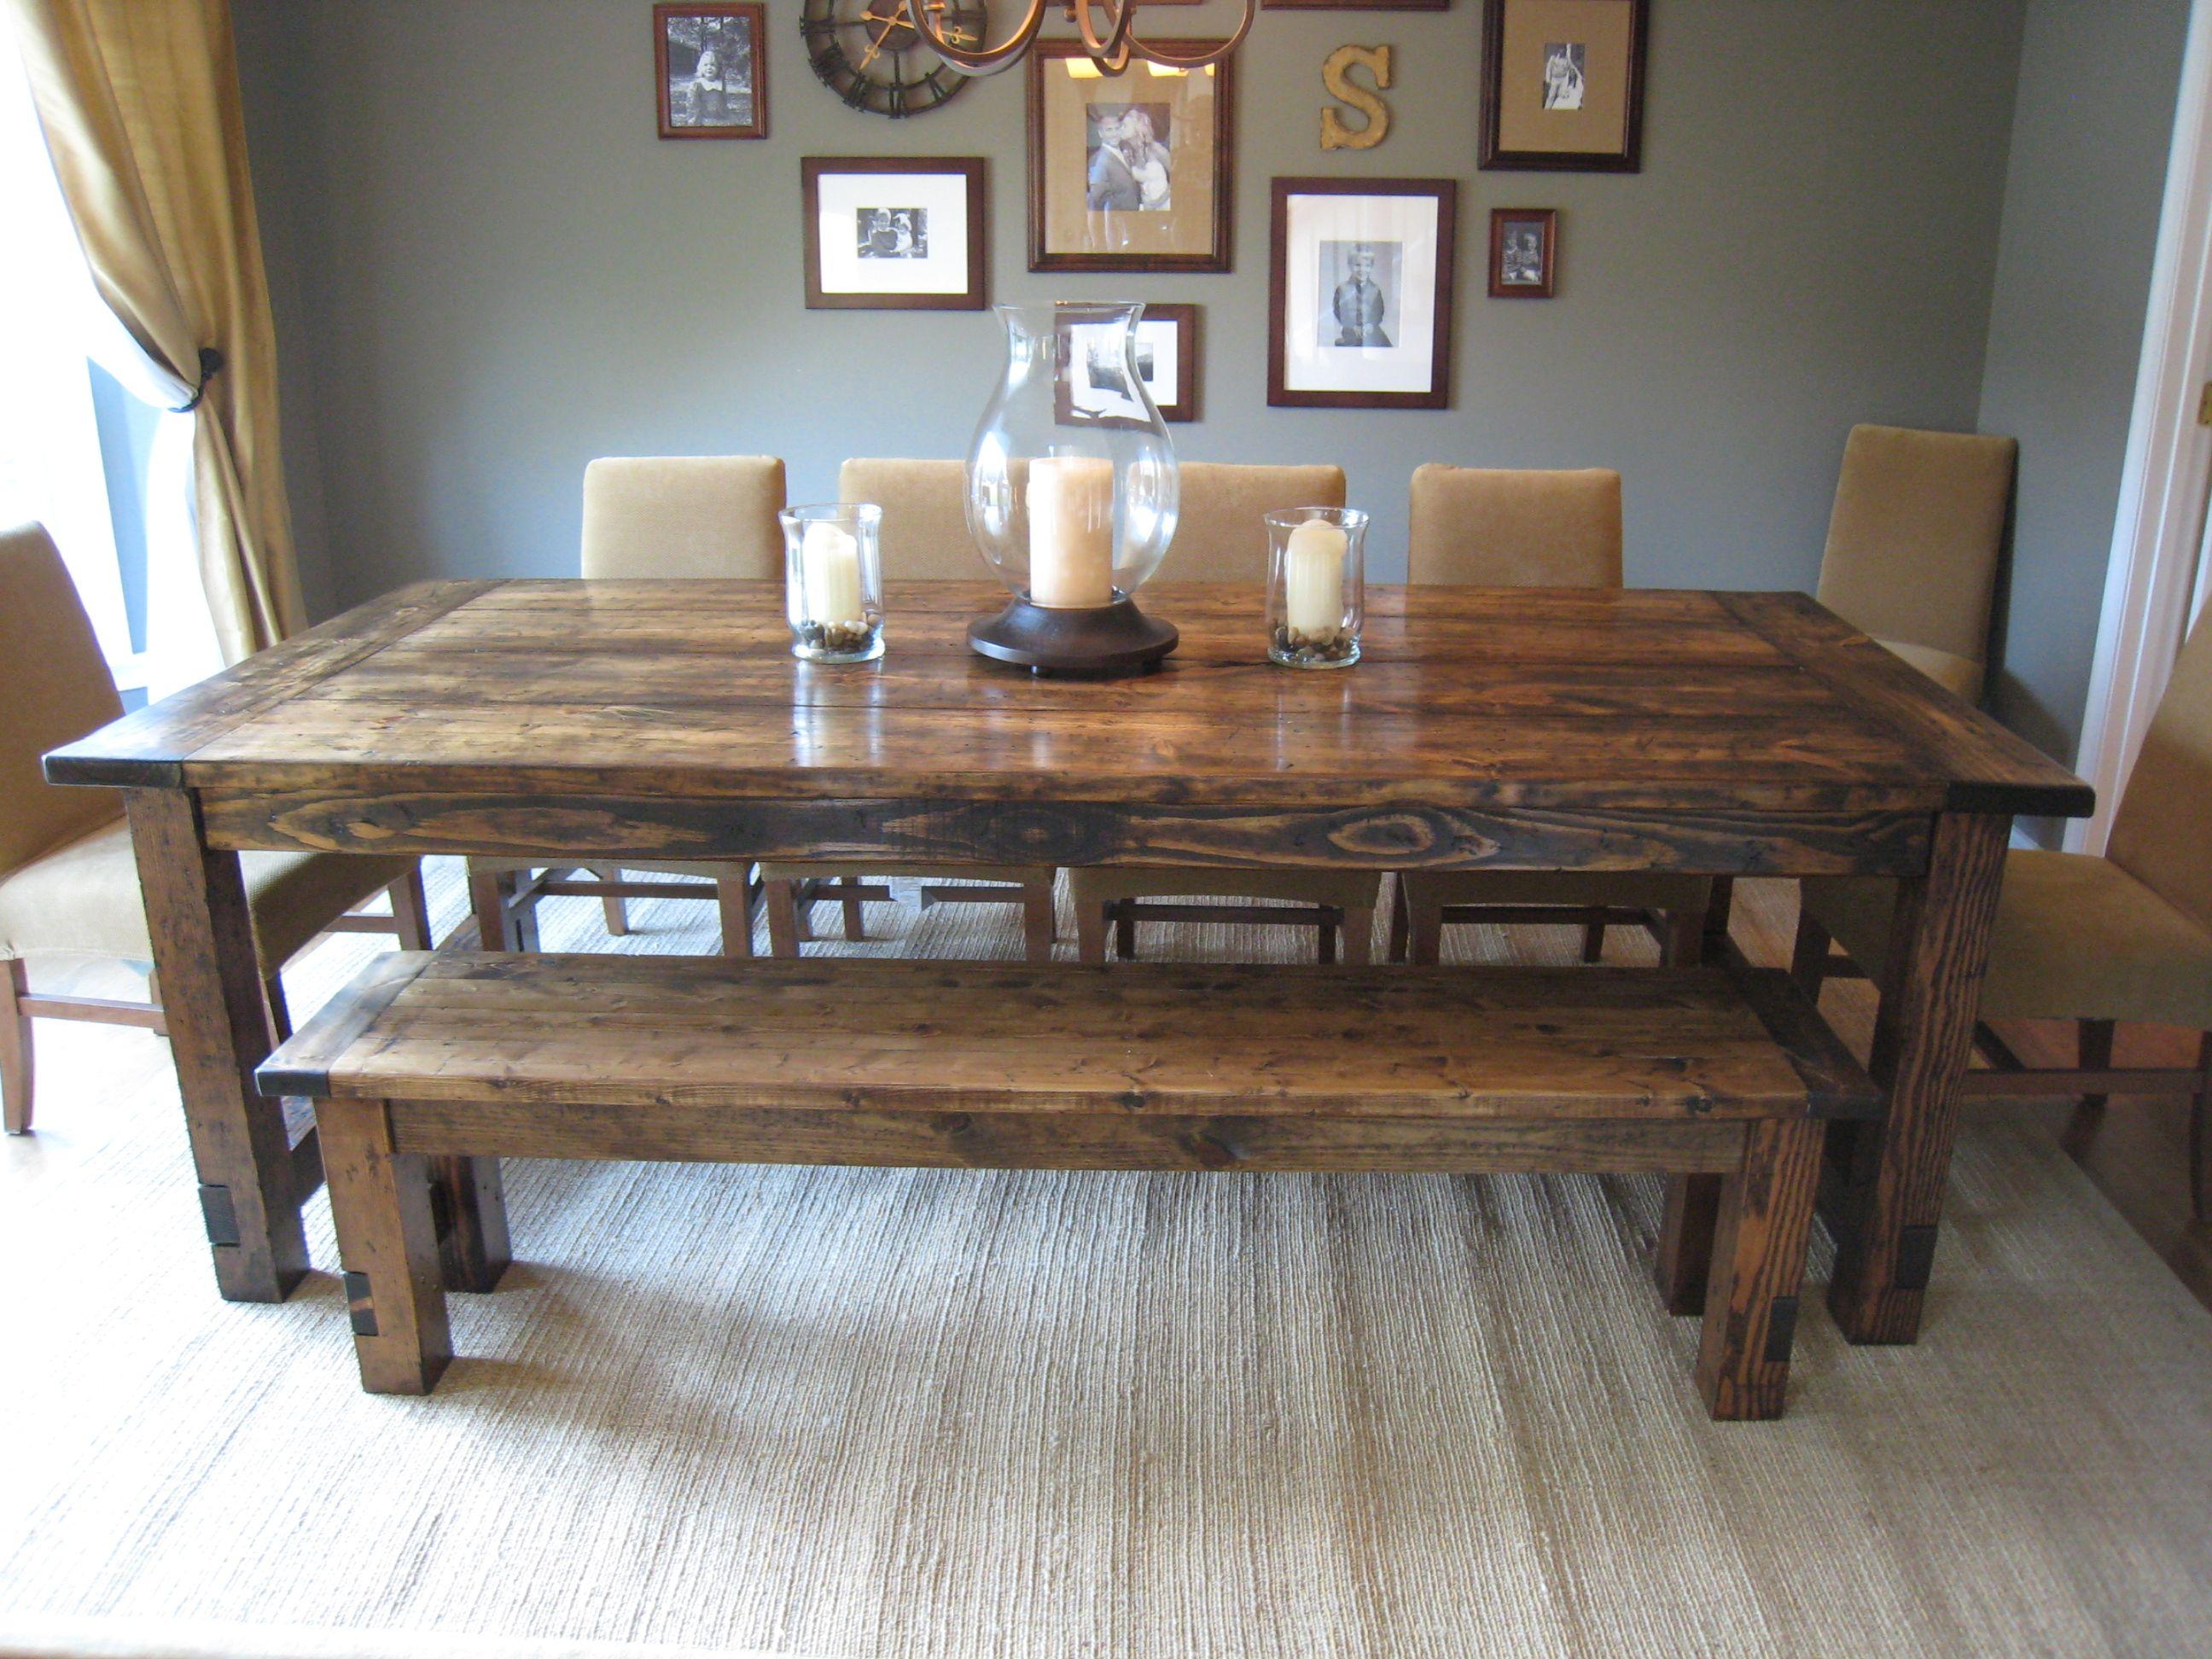 37 Modern Farmhouse Style Dining Room Decor And Design Ideas